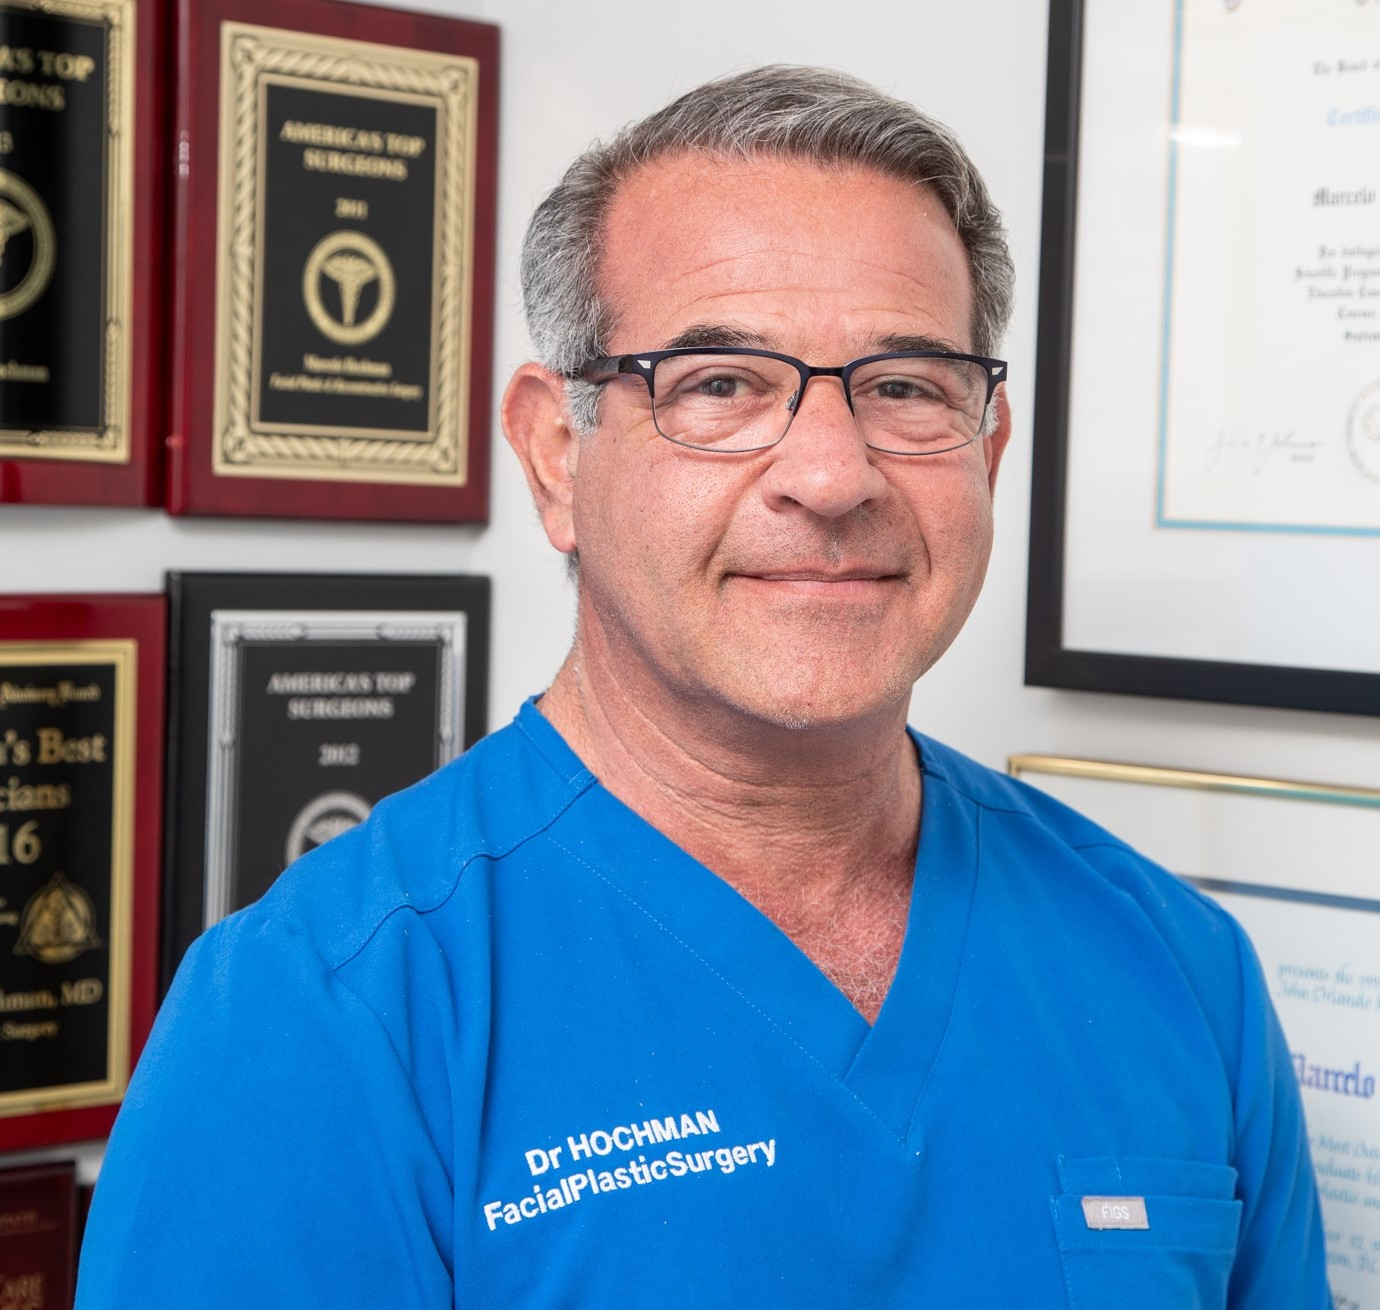 Marcelo Hochman, MD